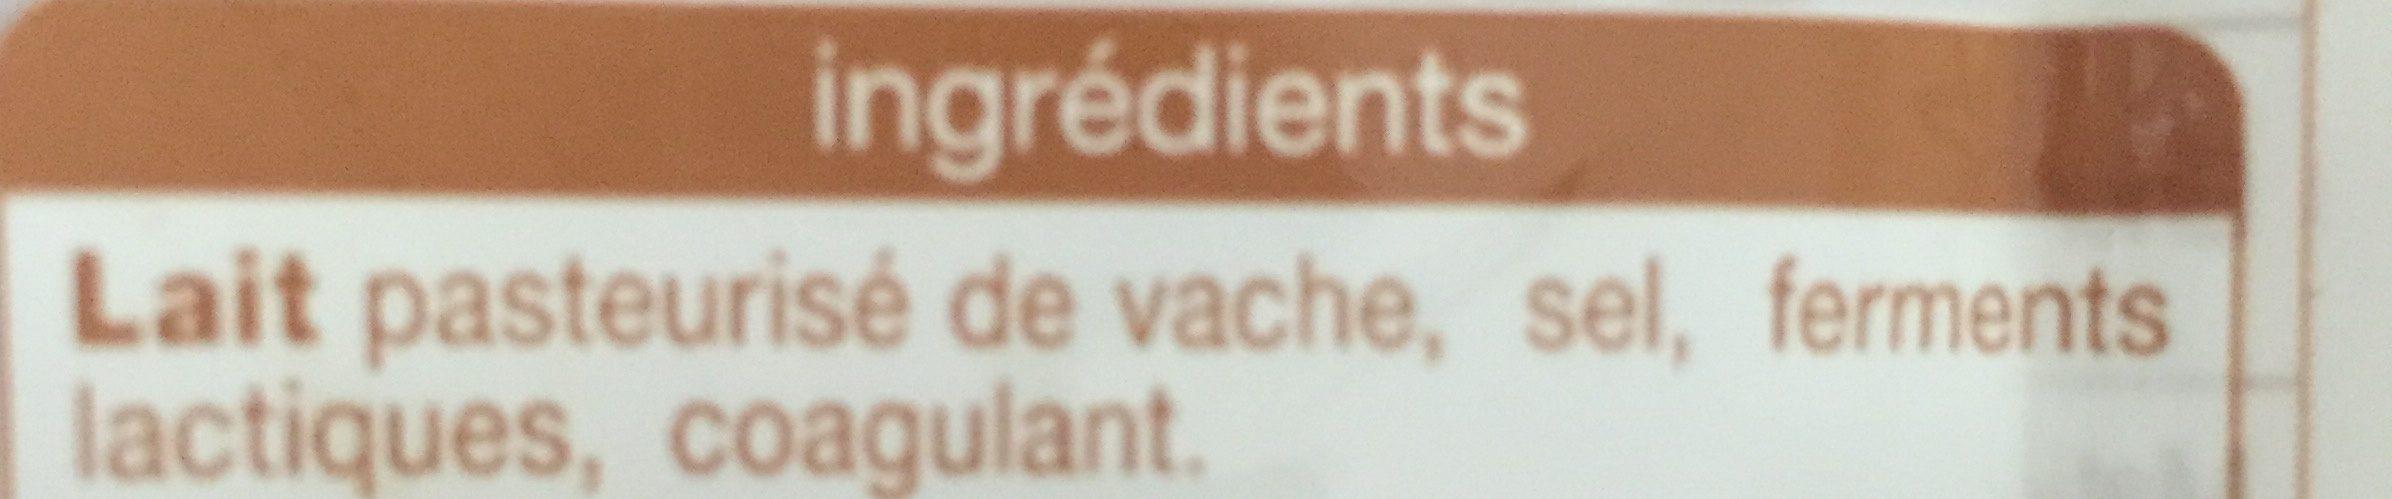 Meule fruitée - Ingredients - fr